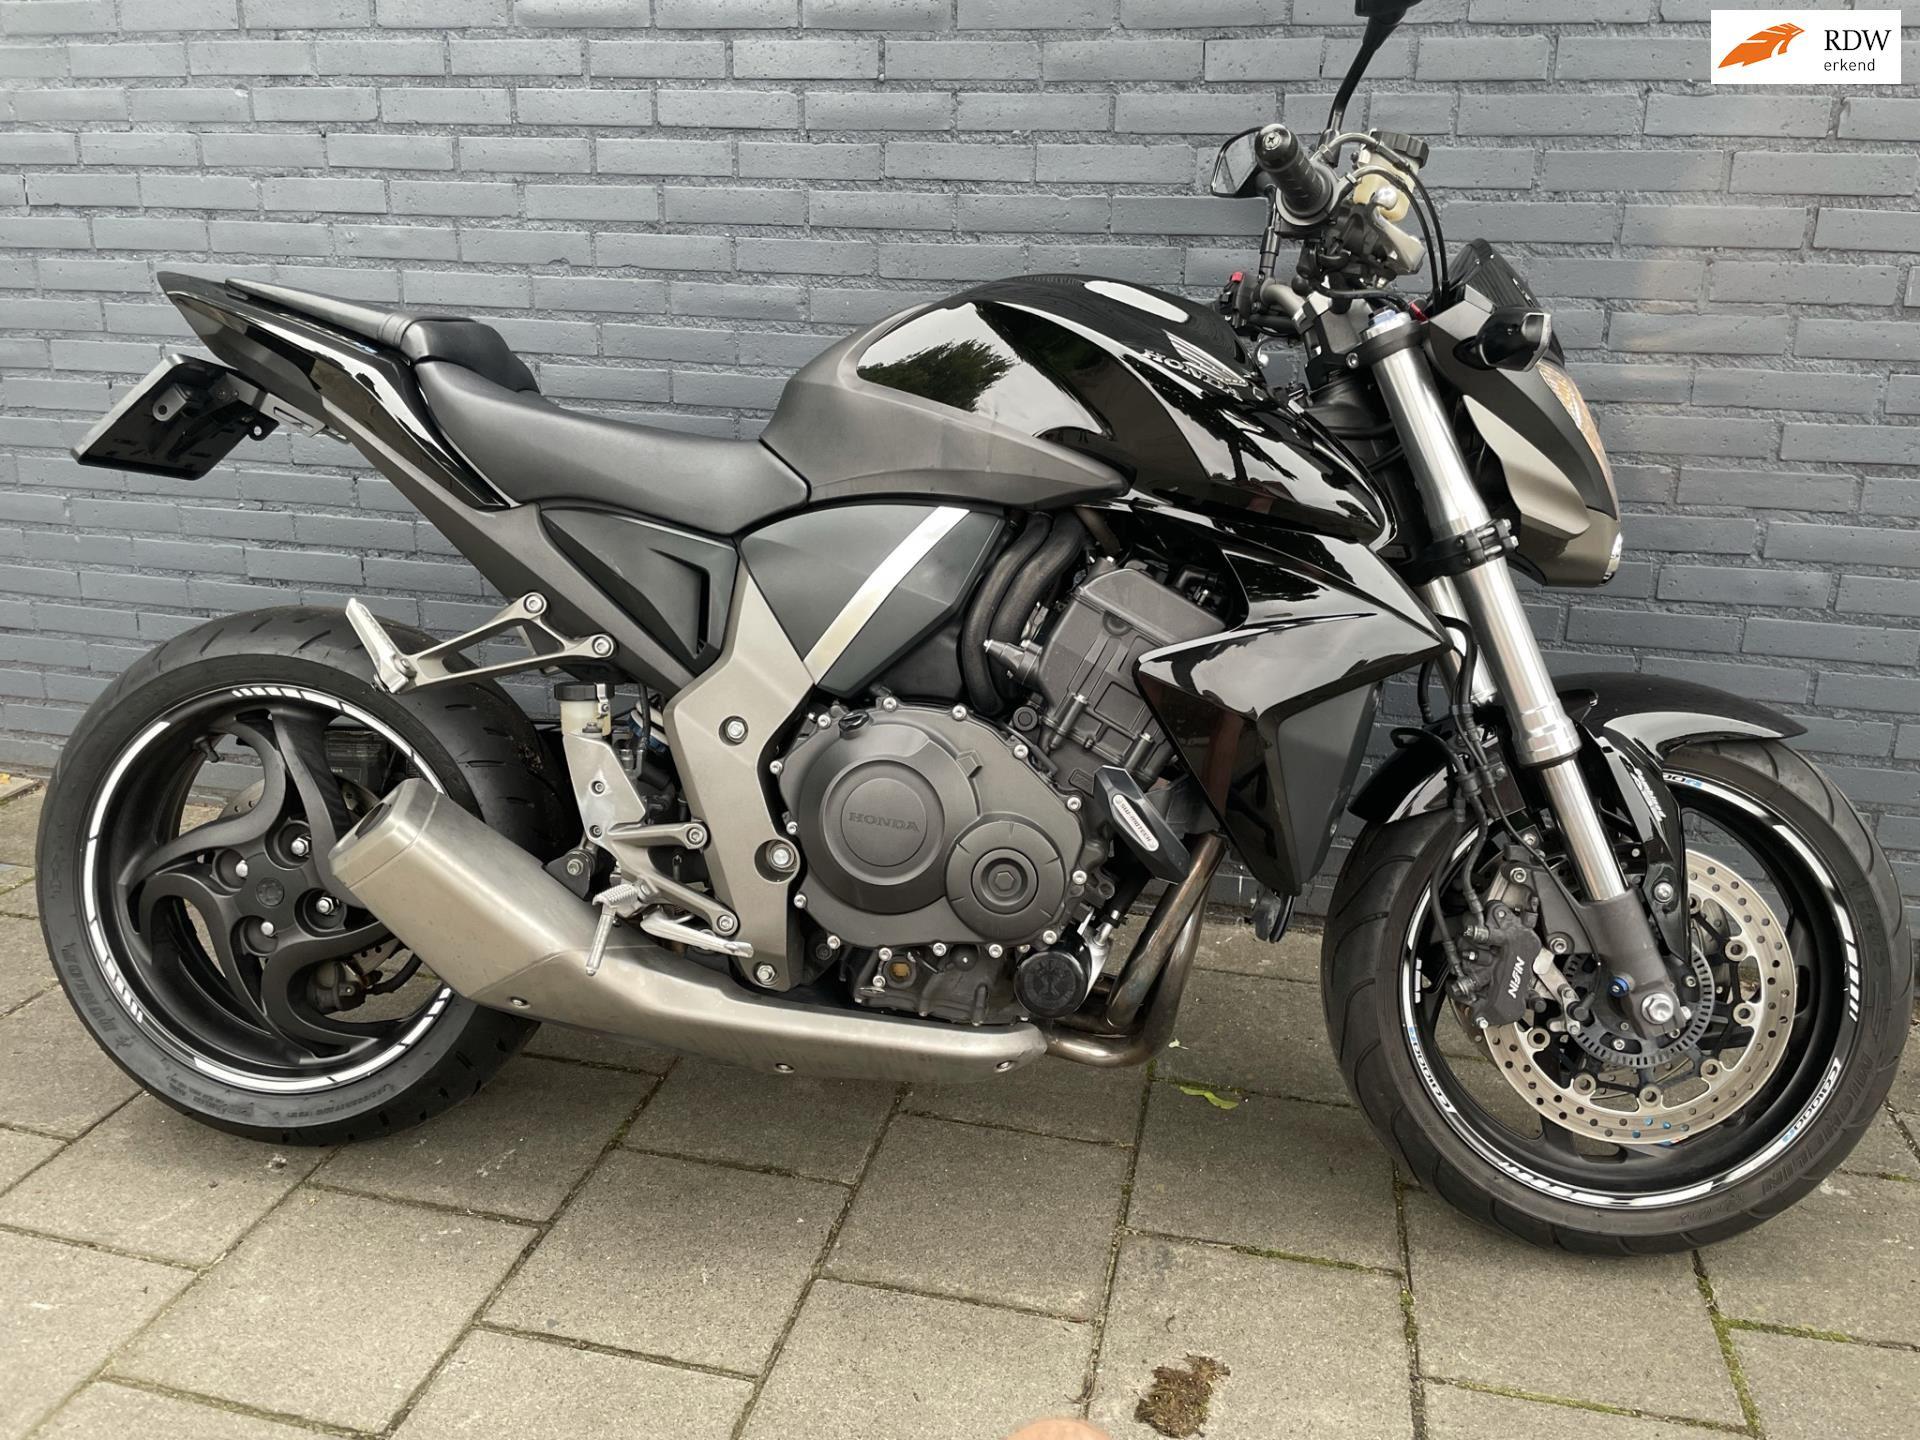 Honda CB 1000 R ABS CB 1000r cb1000r zwart extras occasion - Van de Klundert Trading